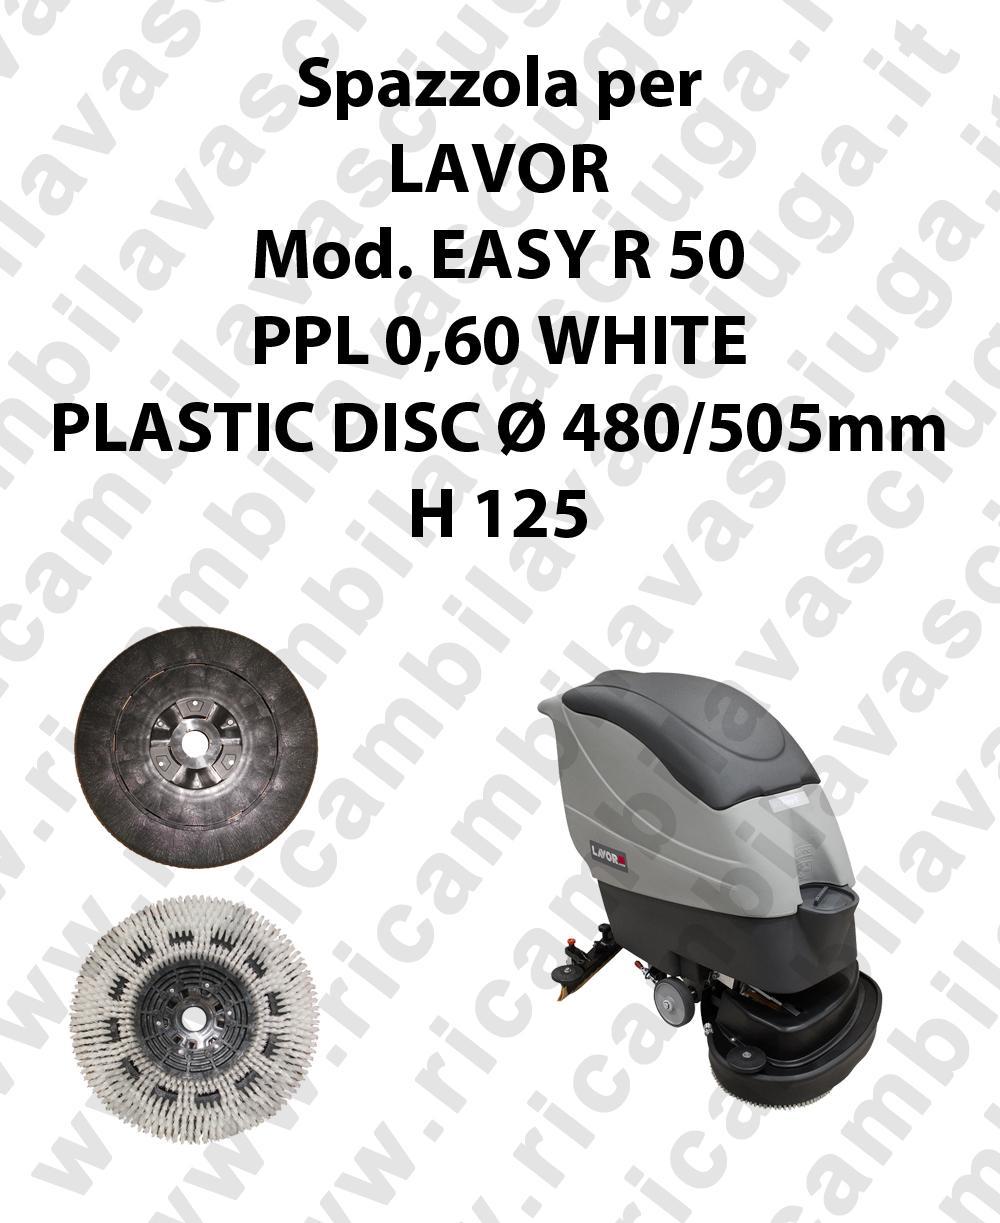 Spazzola lavare PPL 0,60 WHITE per lavapavimenti LAVOR modello EASY R 50